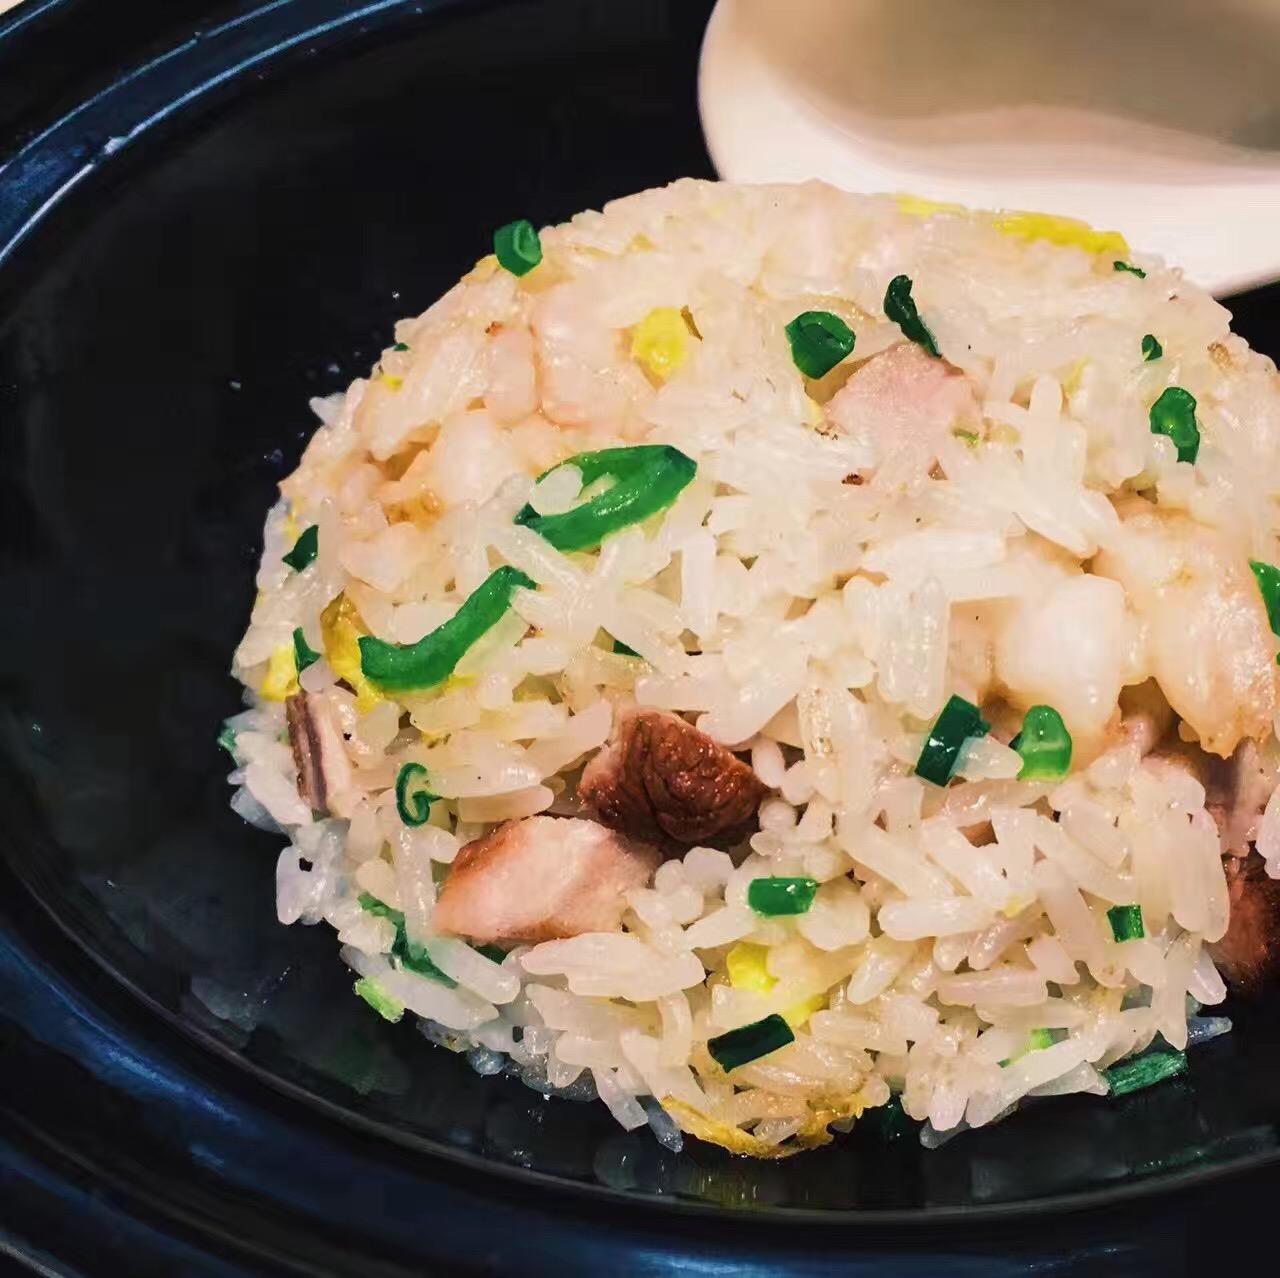 手剥鲜虾炒饭